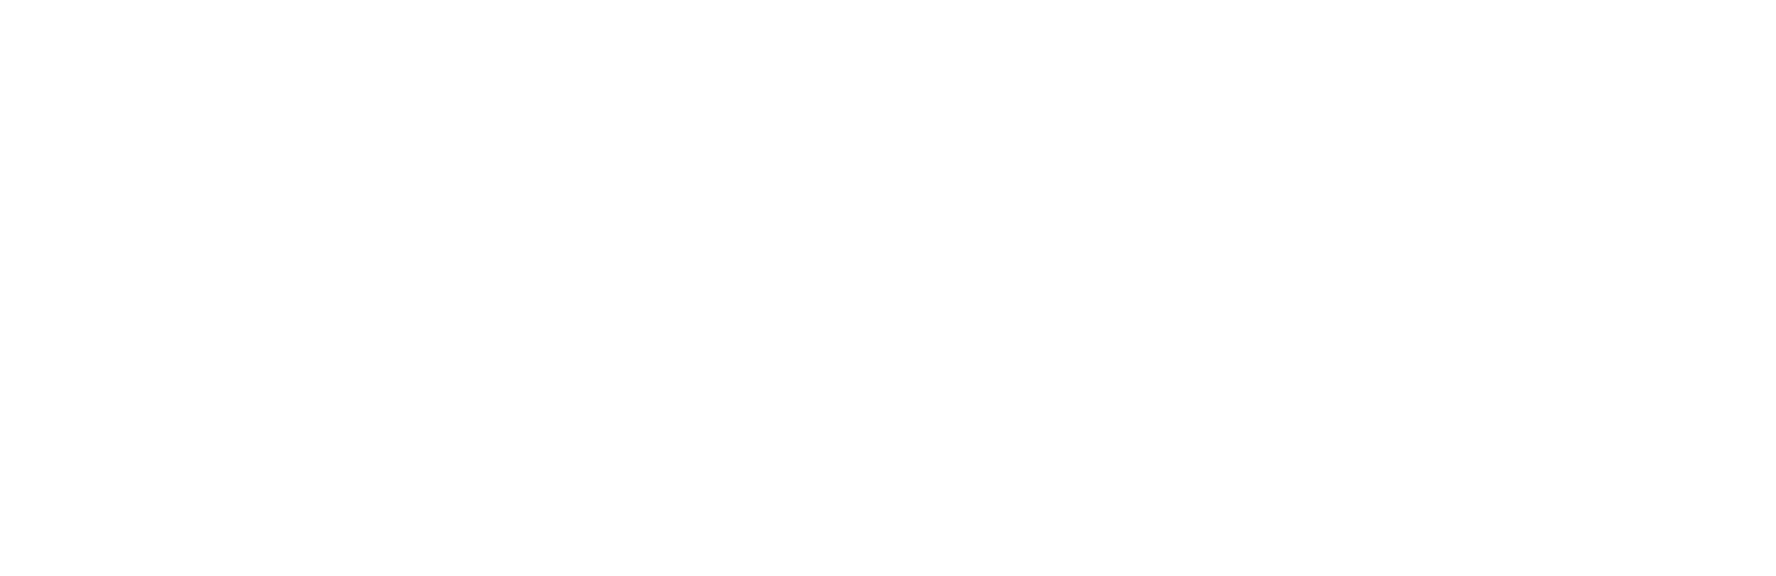 inc-transparent-hosting-baner